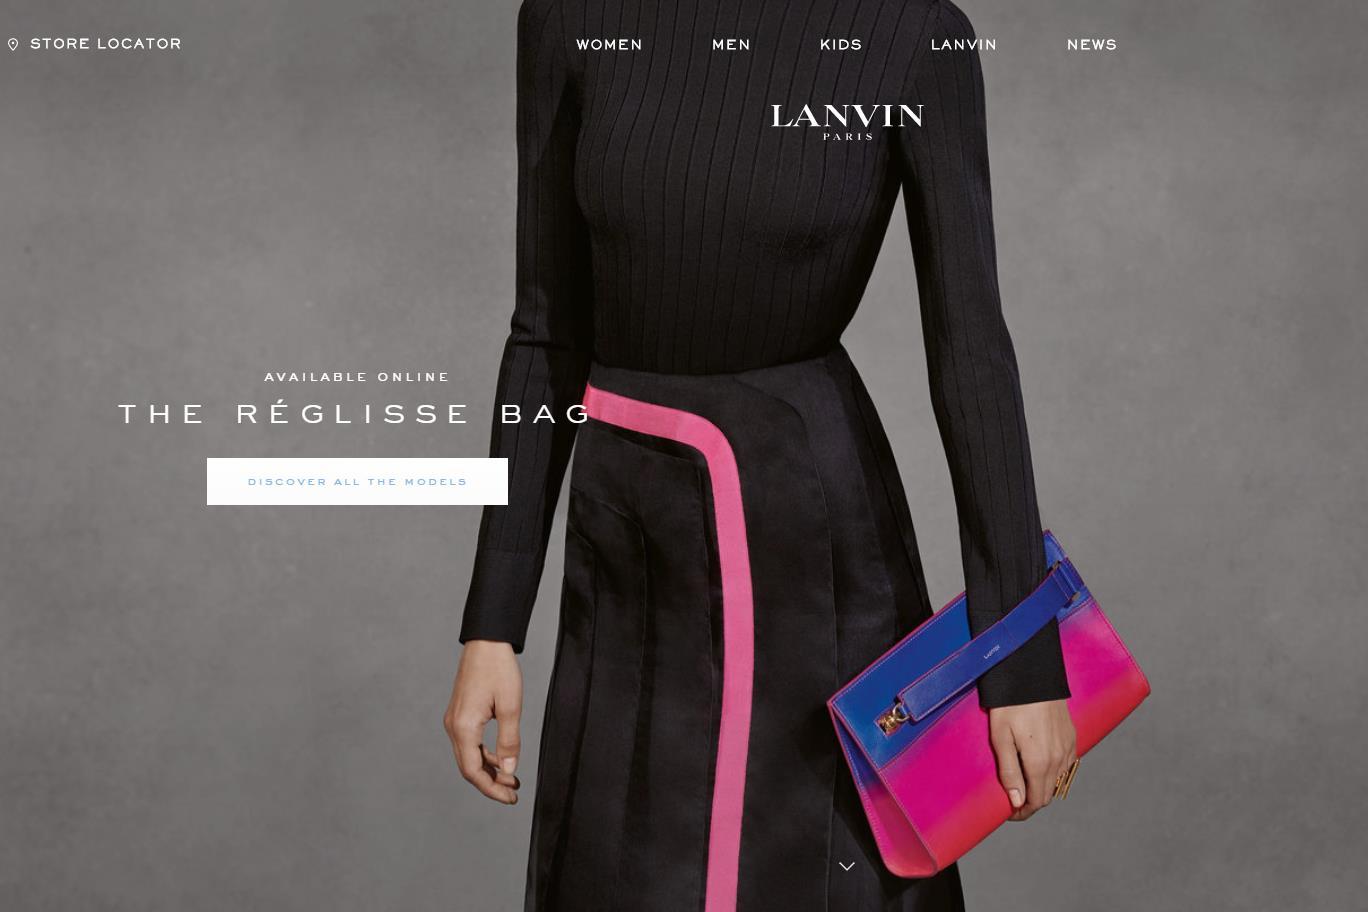 Lanvin终于选定了创意总监:来自LVMH旗下奢侈品牌 Loewe的设计新星 Bruno Sialelli